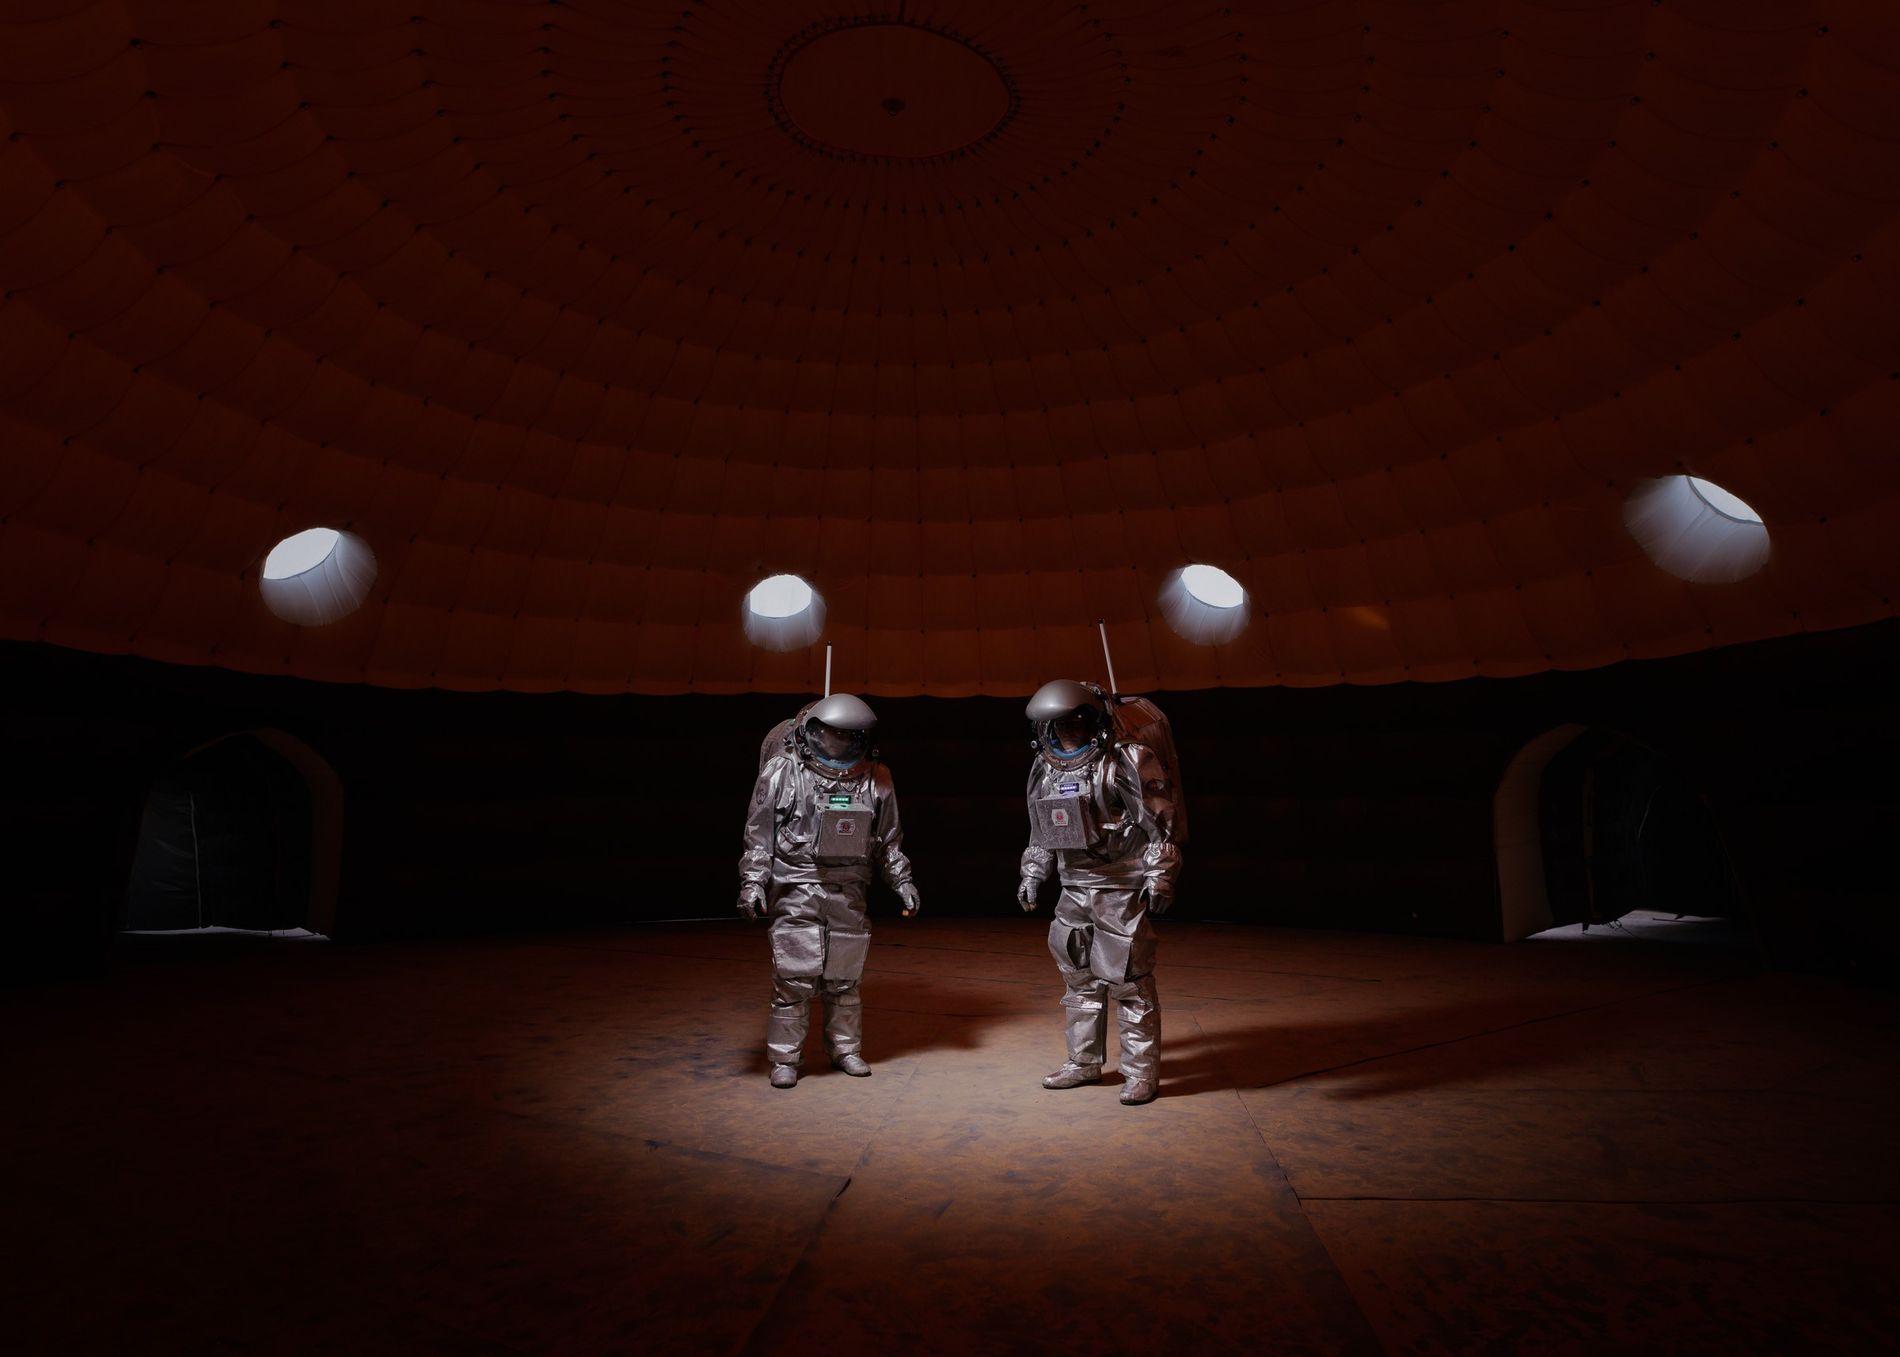 Les membres d'équipage Gernot Grömer et João Lousada se trouvent à l'intérieur du module de colonisation ...